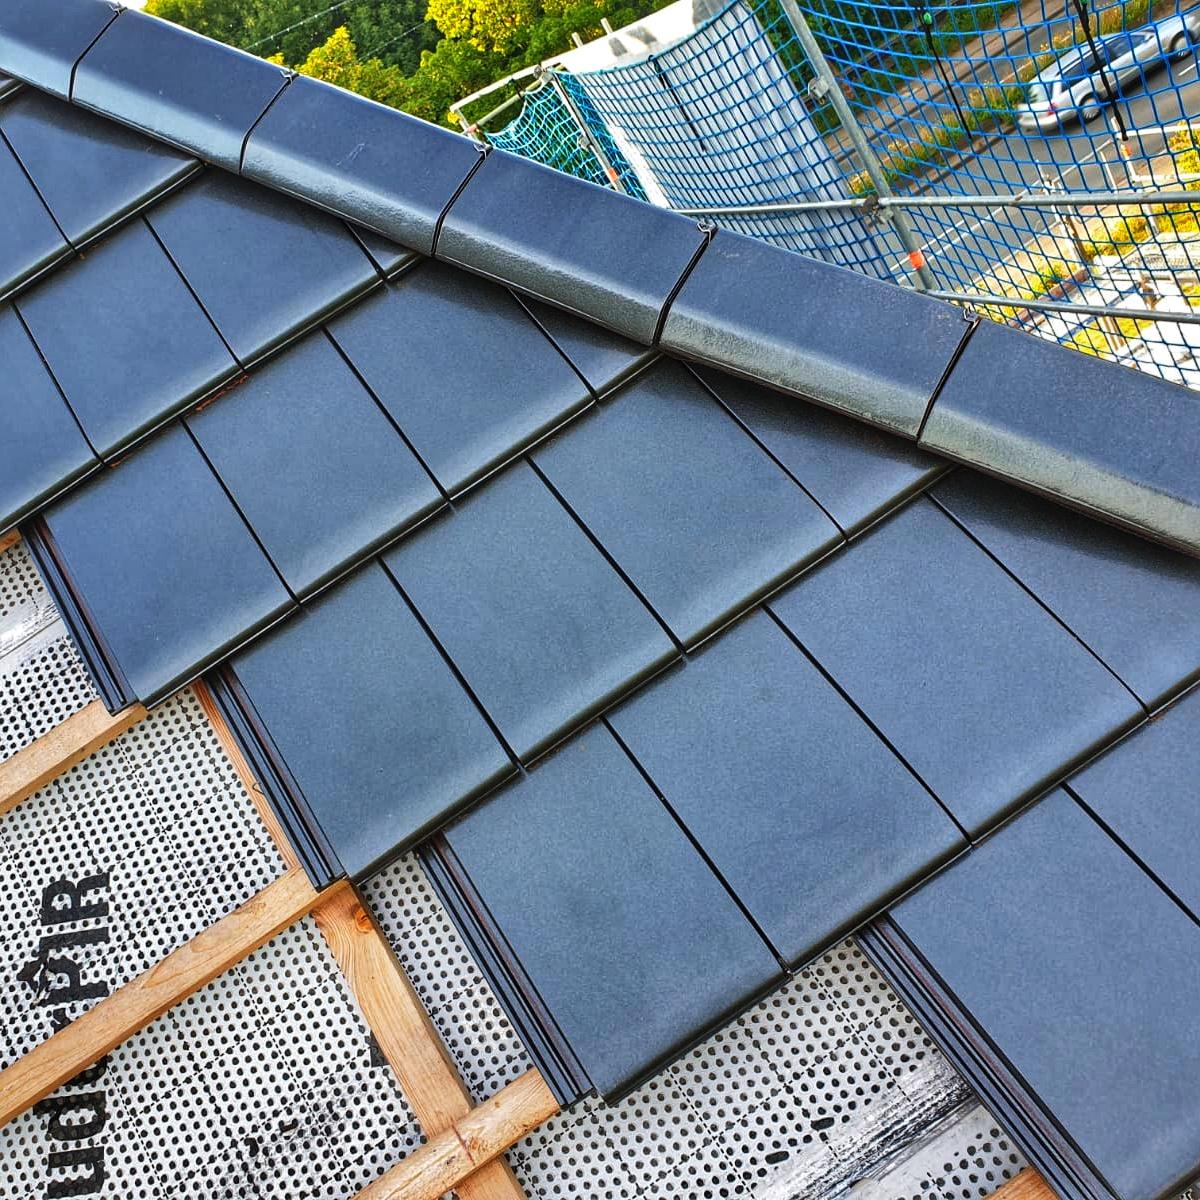 Dachsanierung | Dachumdeckung in Bielefeld